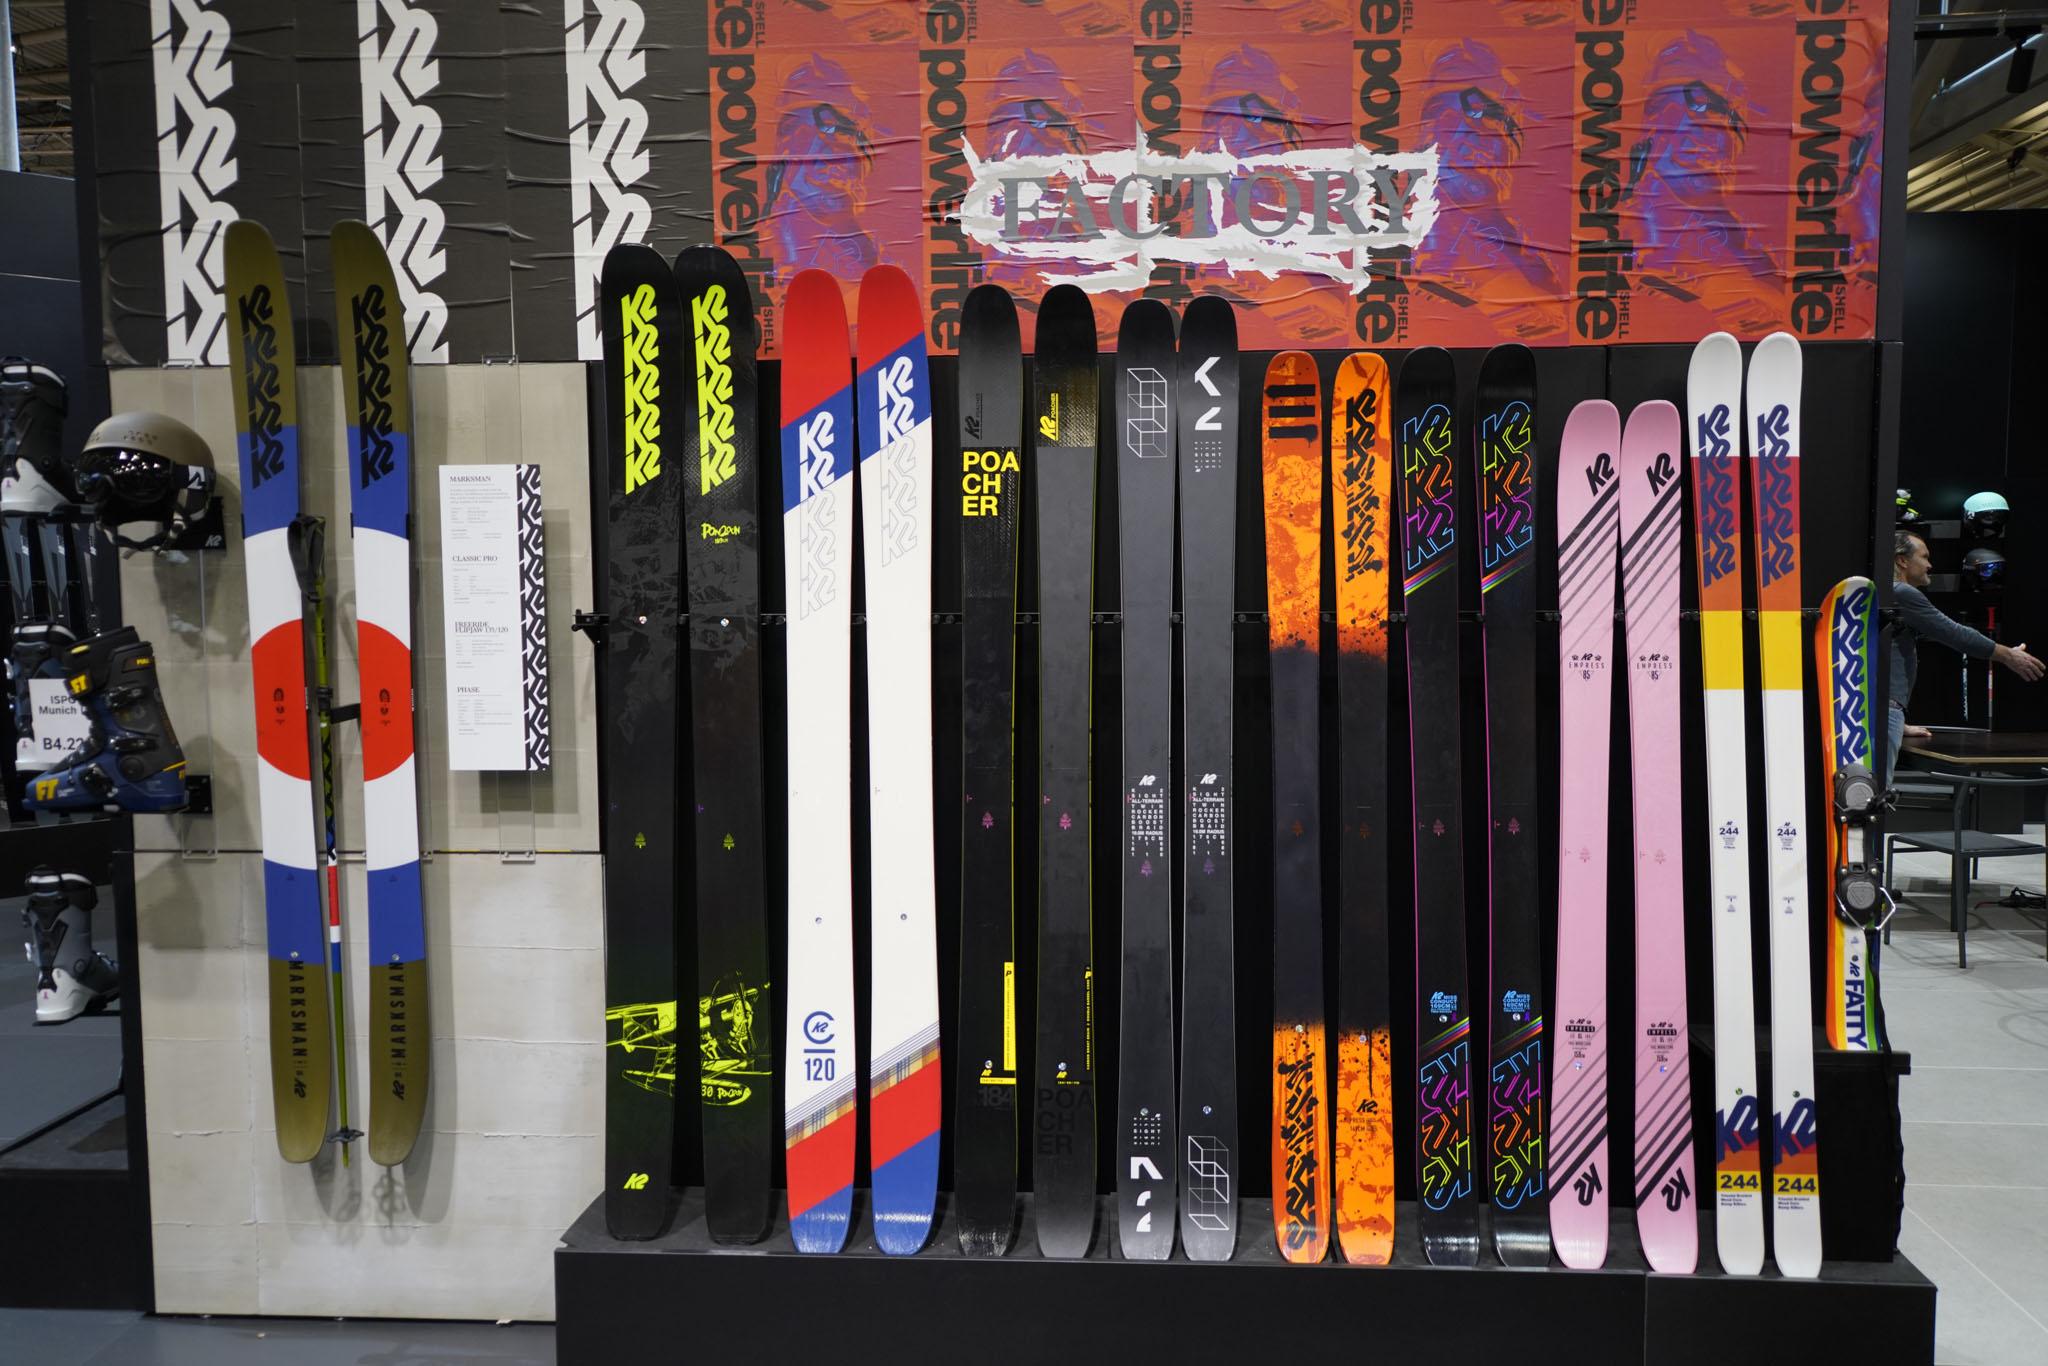 Die neue K2 Skis Faction Serie